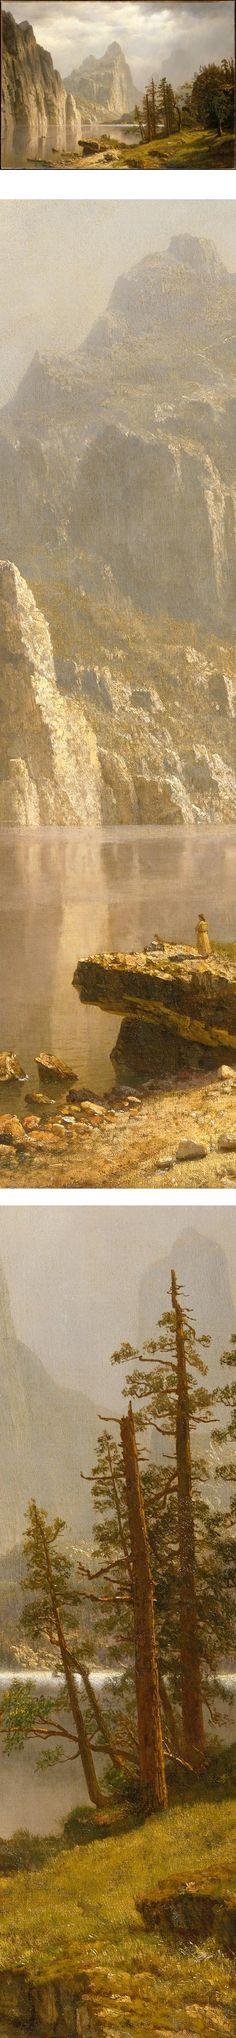 Merced River, Yosemite Valley, Albert Bierstadt